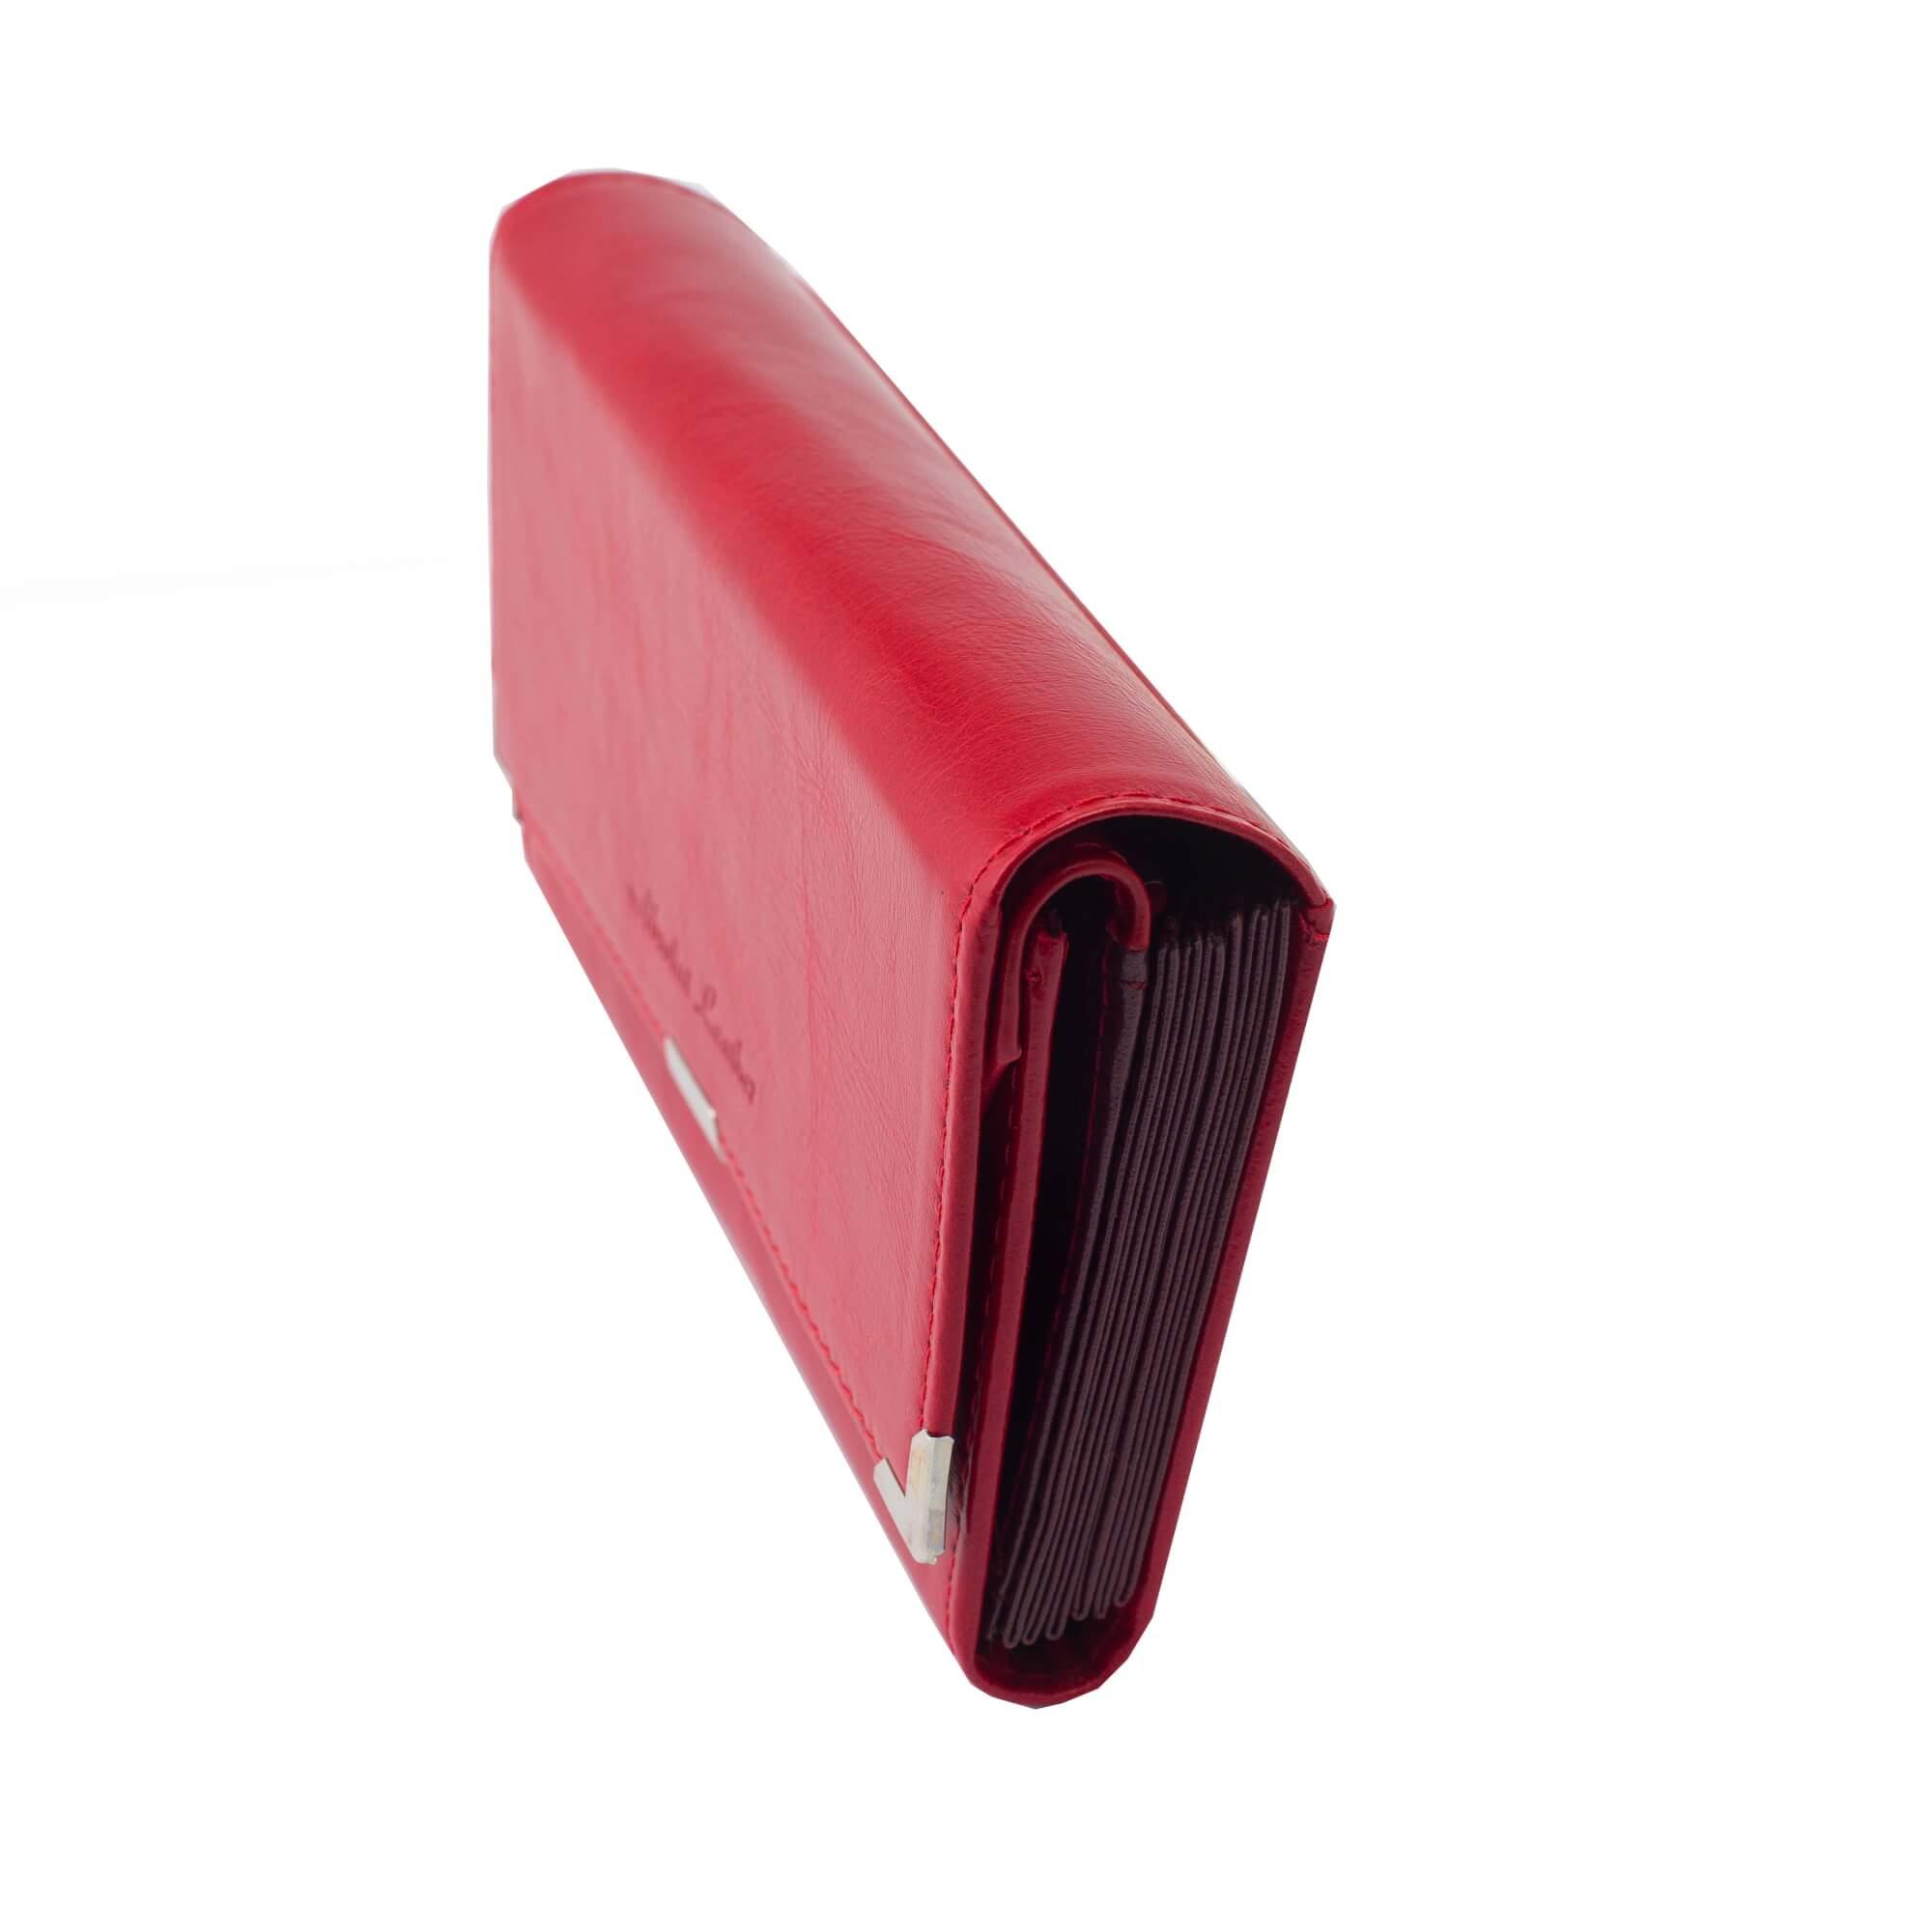 Piros 6 zsebes brifko sarokvedovel (3)